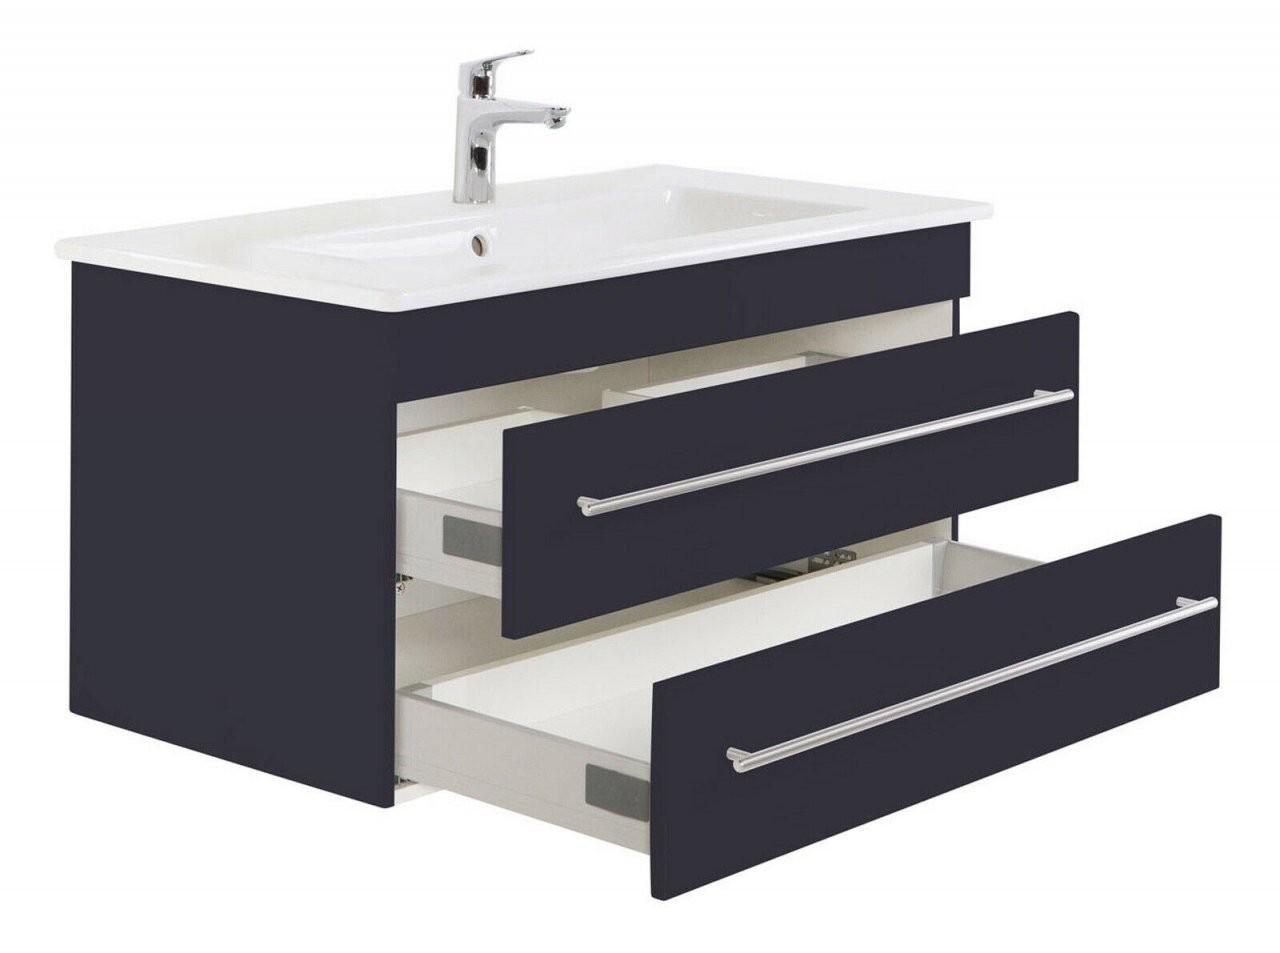 Waschtisch Mit Unterschrank 100Cm Villeroy  Boch Waschplatz von Villeroy Und Boch Waschtisch Mit Unterschrank Bild